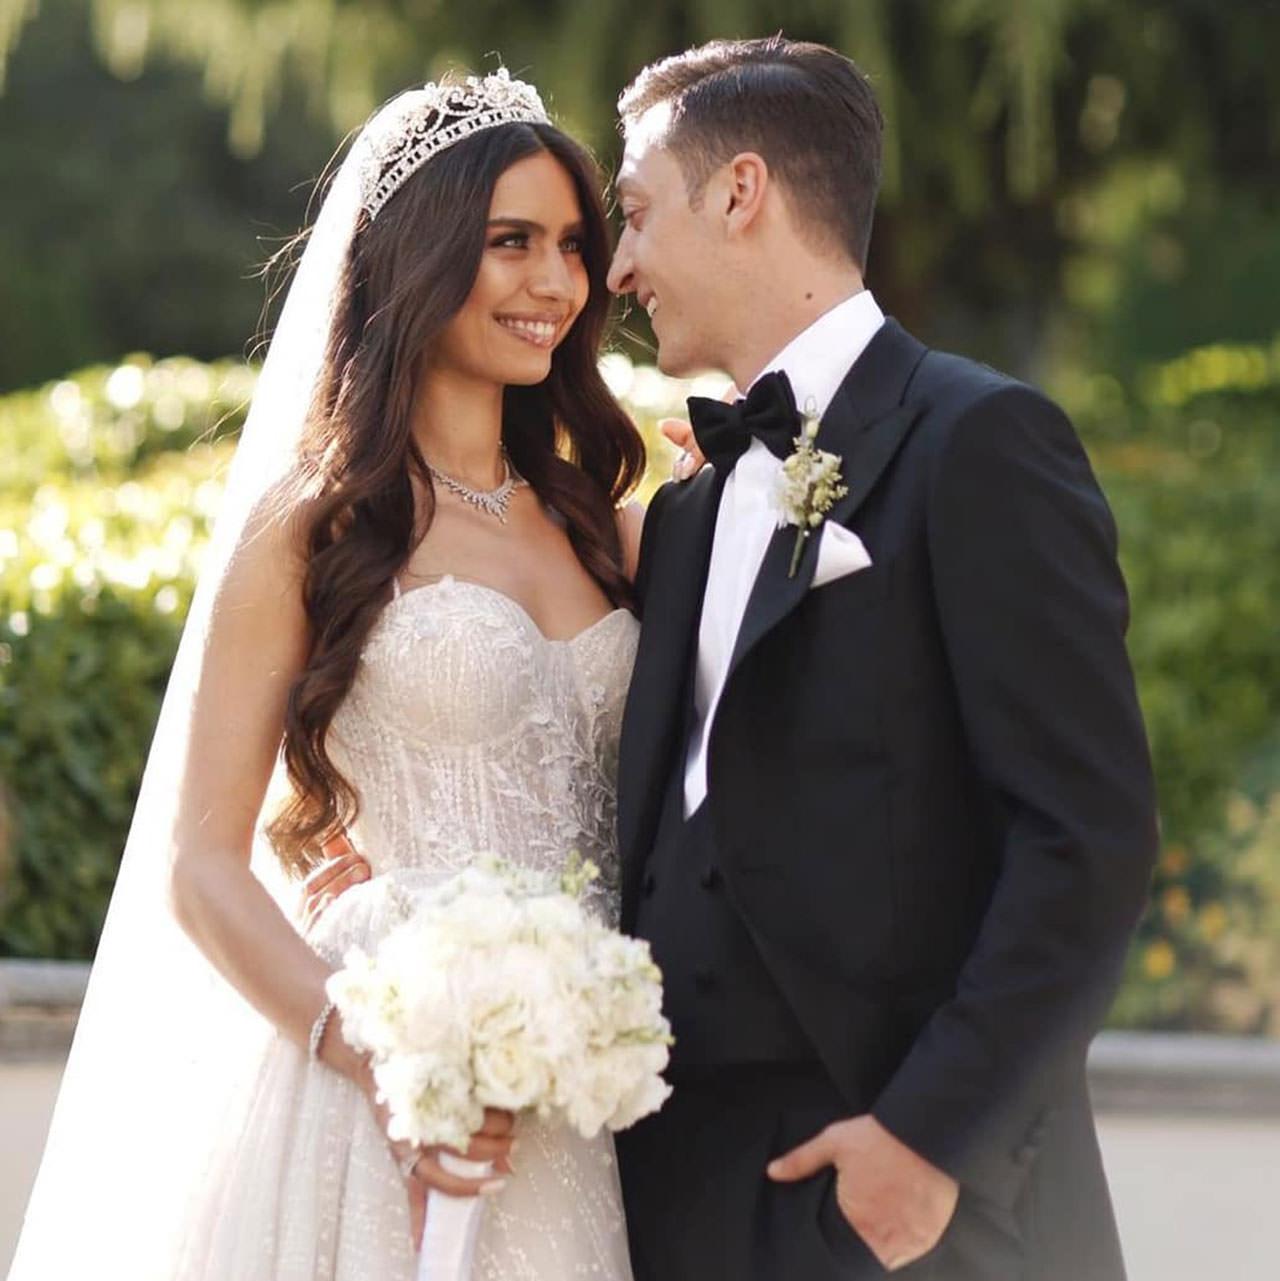 بالصور.. أردوغان بزفاف نجم ريال مدريد السابق مسعود أوزيل.. من هي العروس